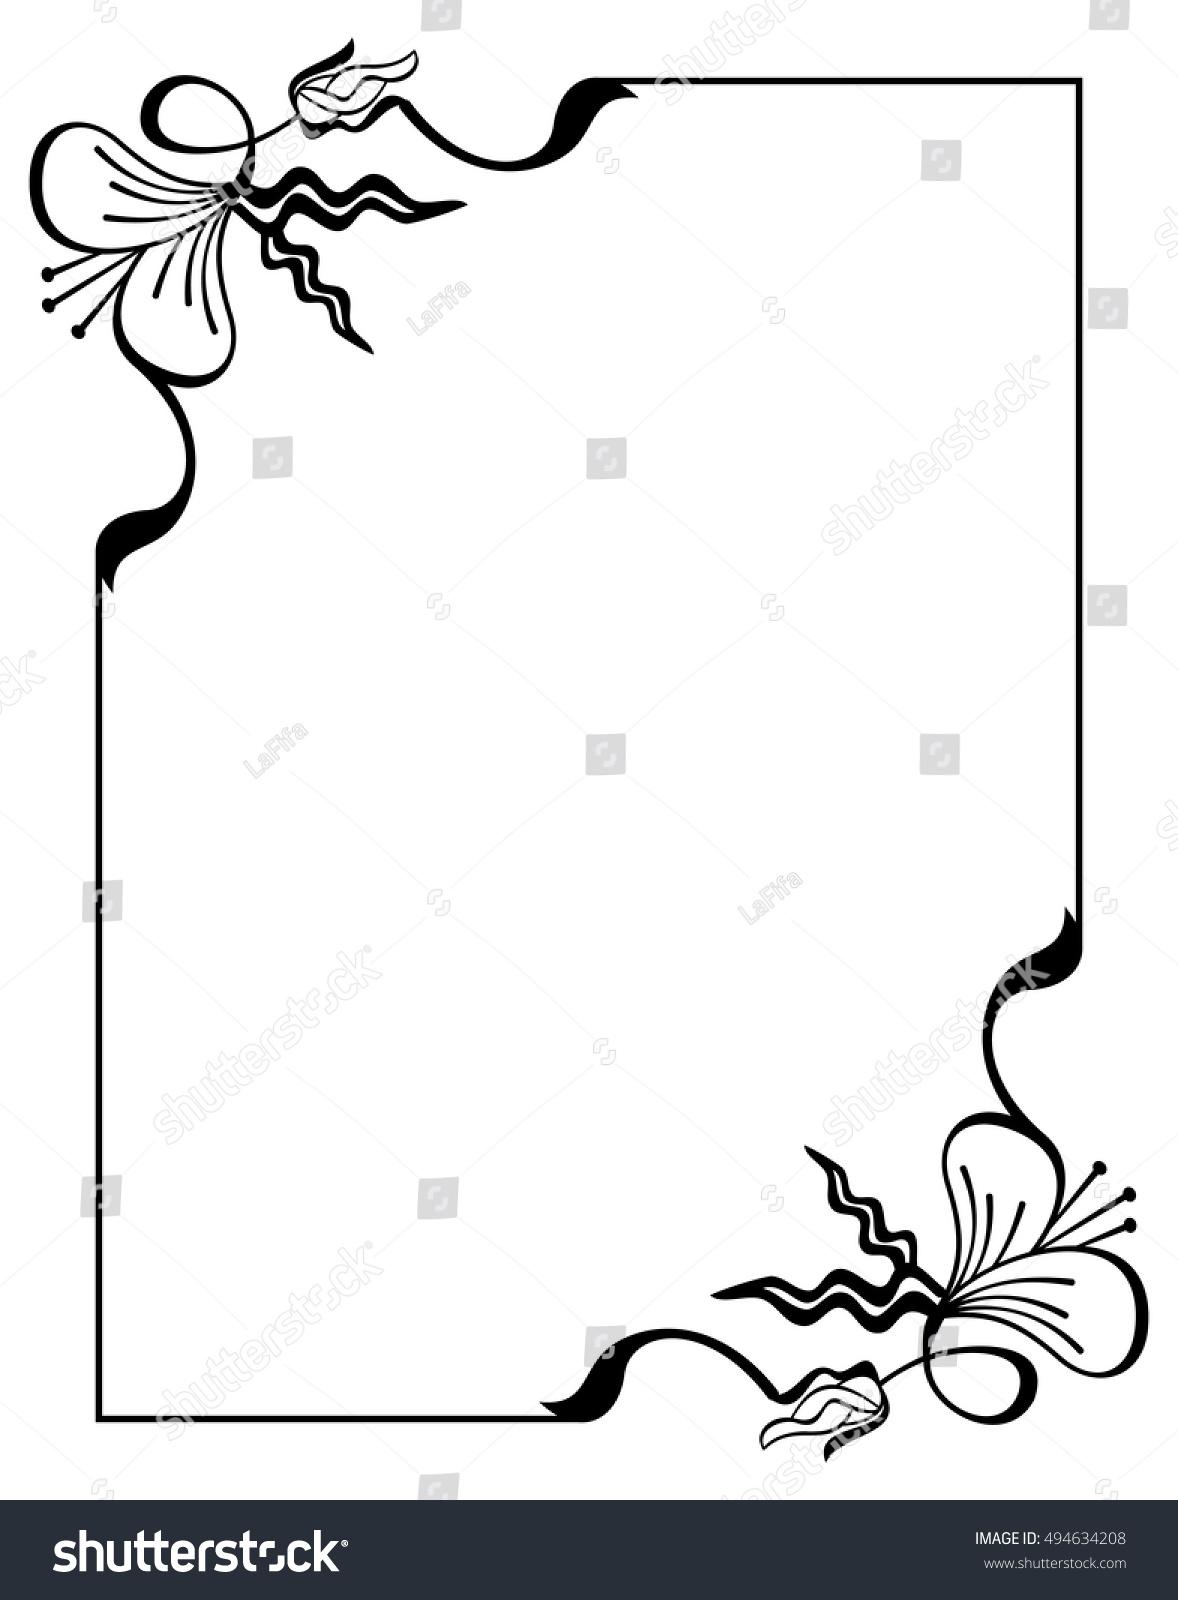 Silhouette Flower Frame Simple Black White Stock Vector Royalty